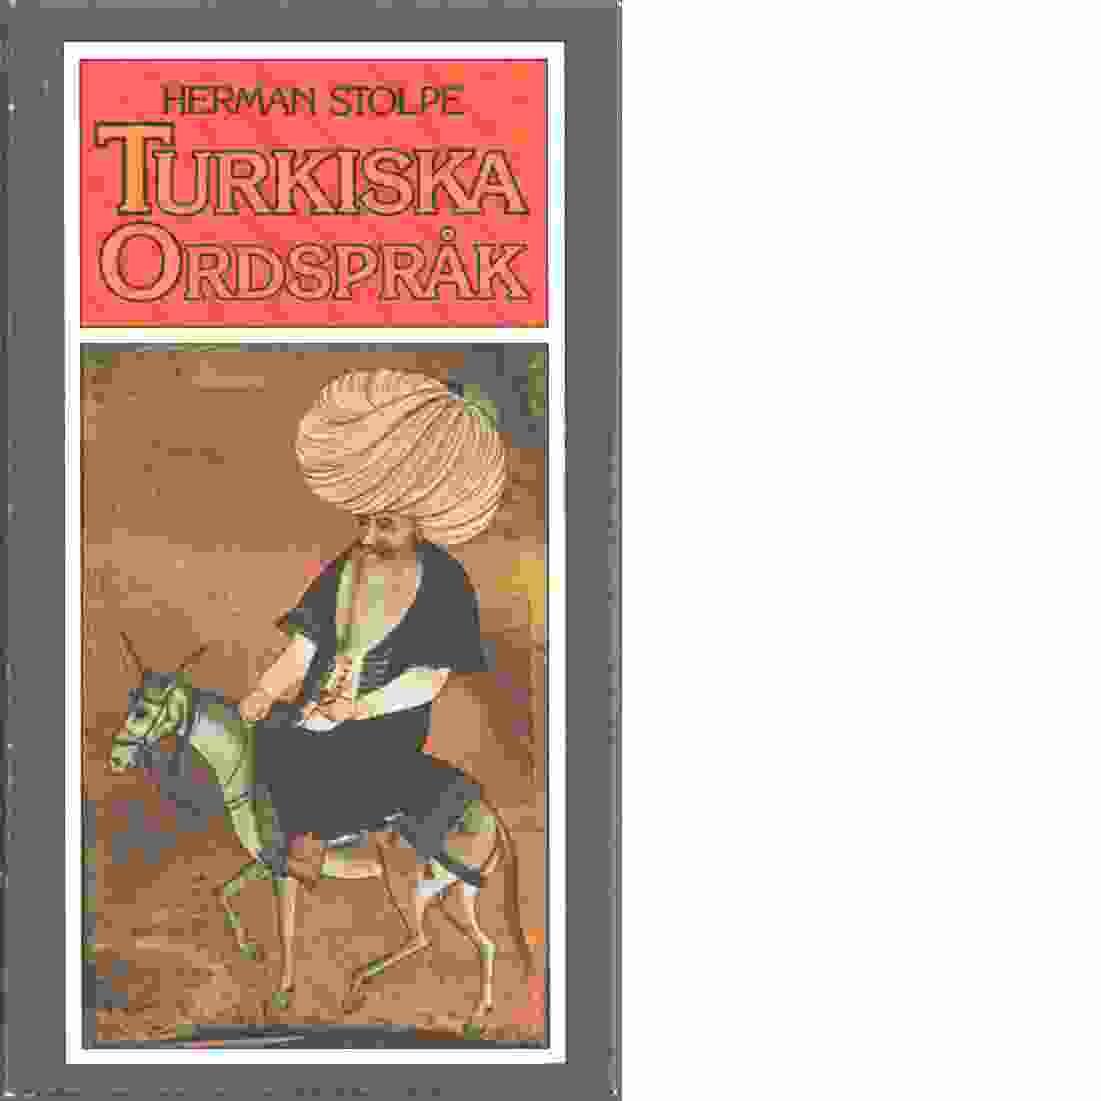 Turkiska ordspråk - Stolpe, Herman